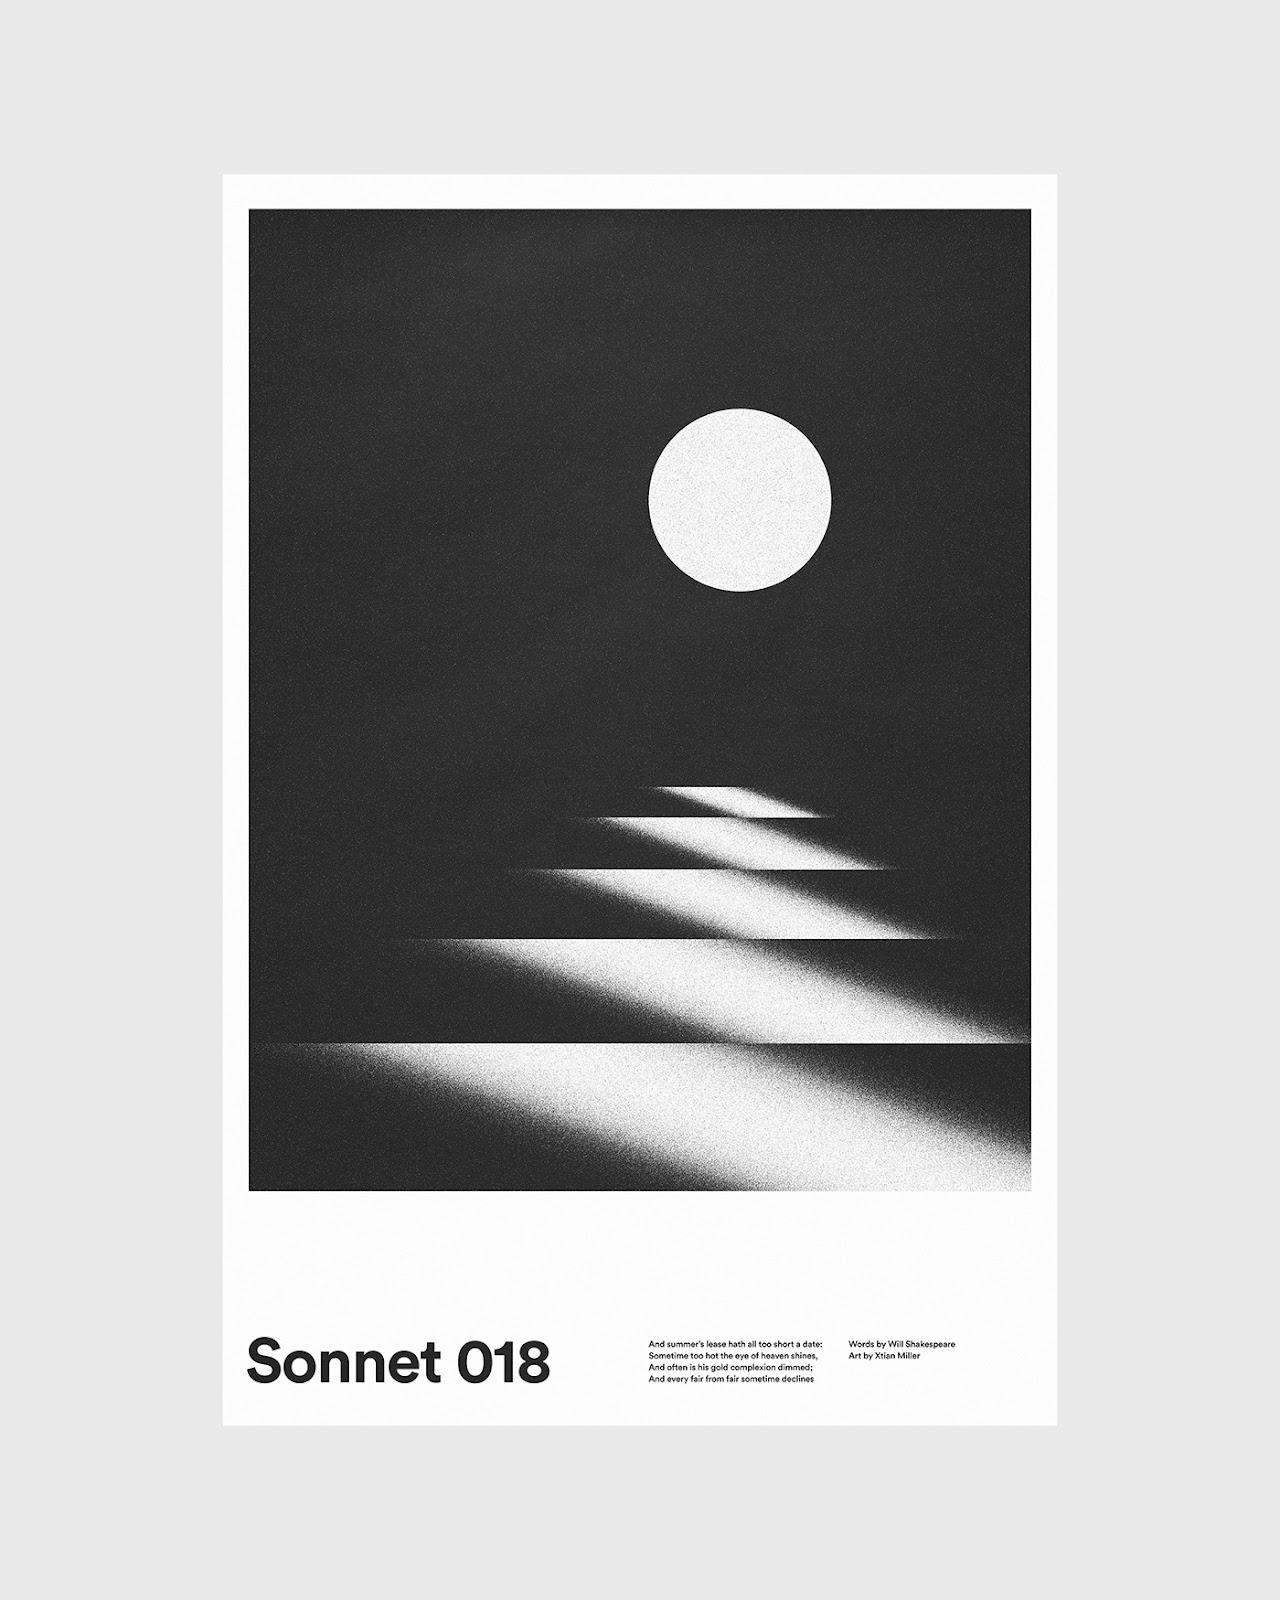 Sonnet 018